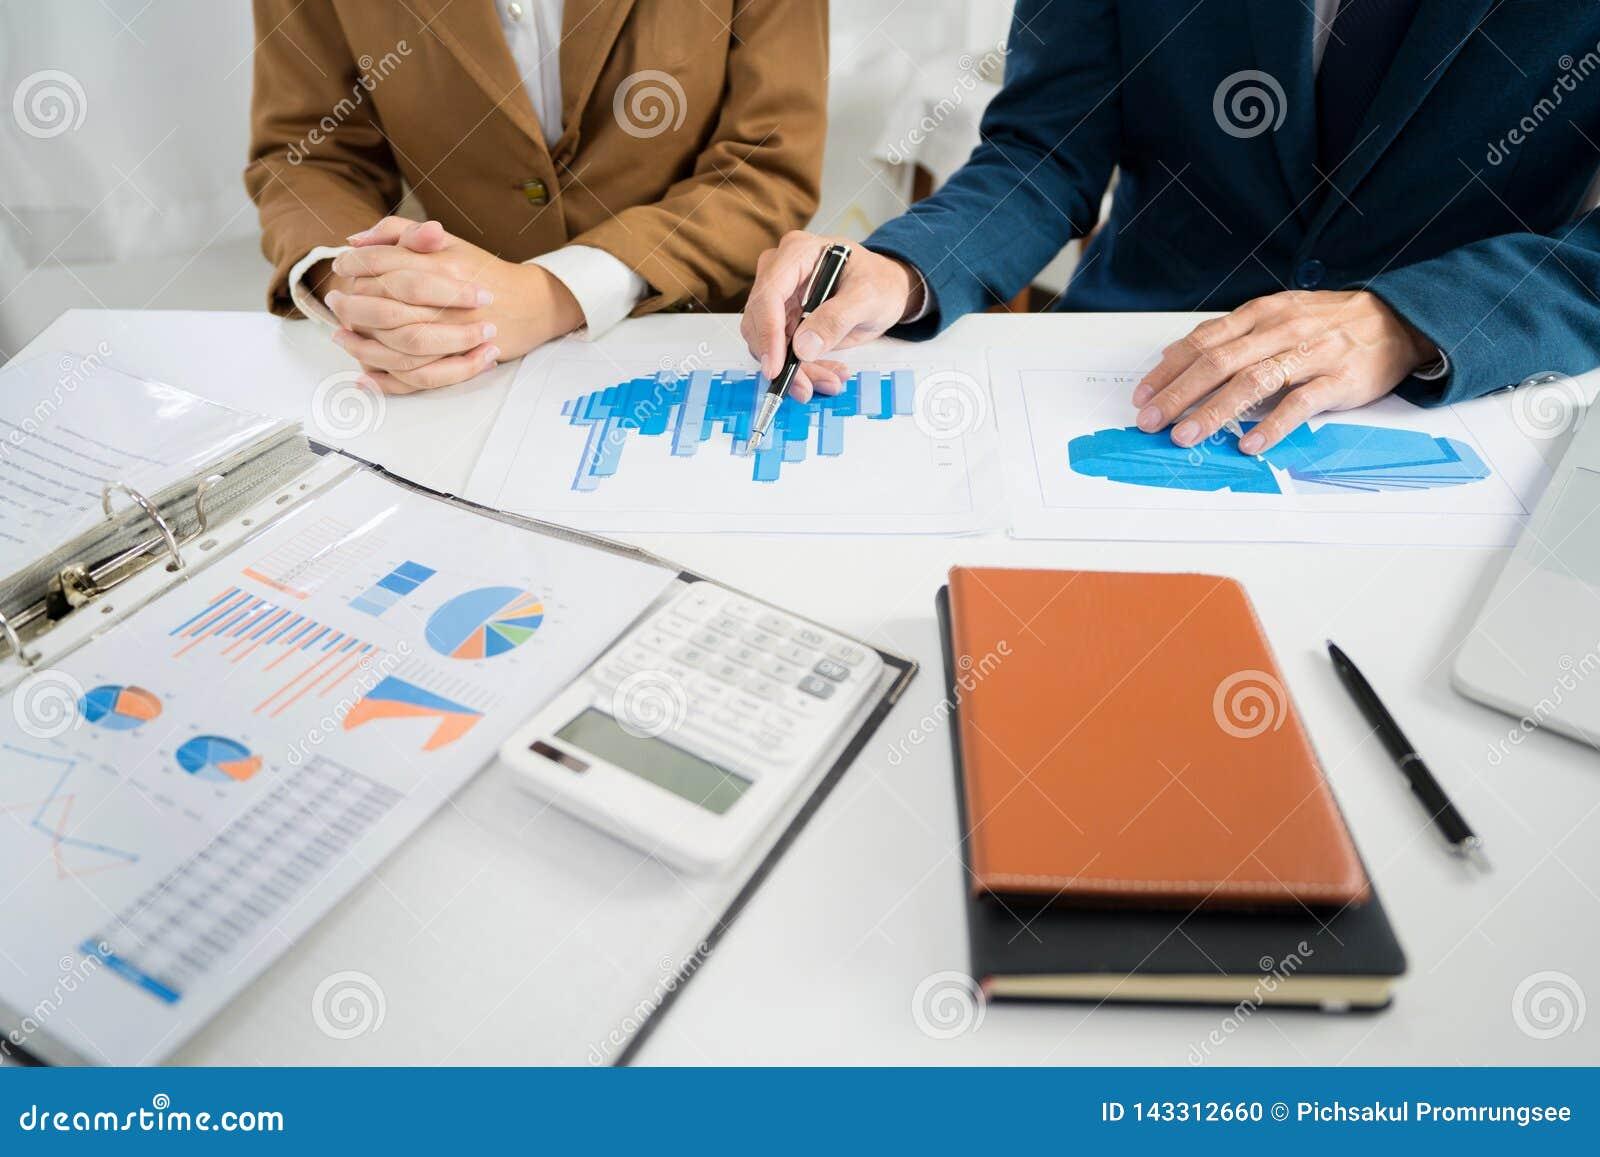 Séance de réflexion d entreprise d équipe d affaires, stratégie de planification ayant un investissement d analyse de discussion